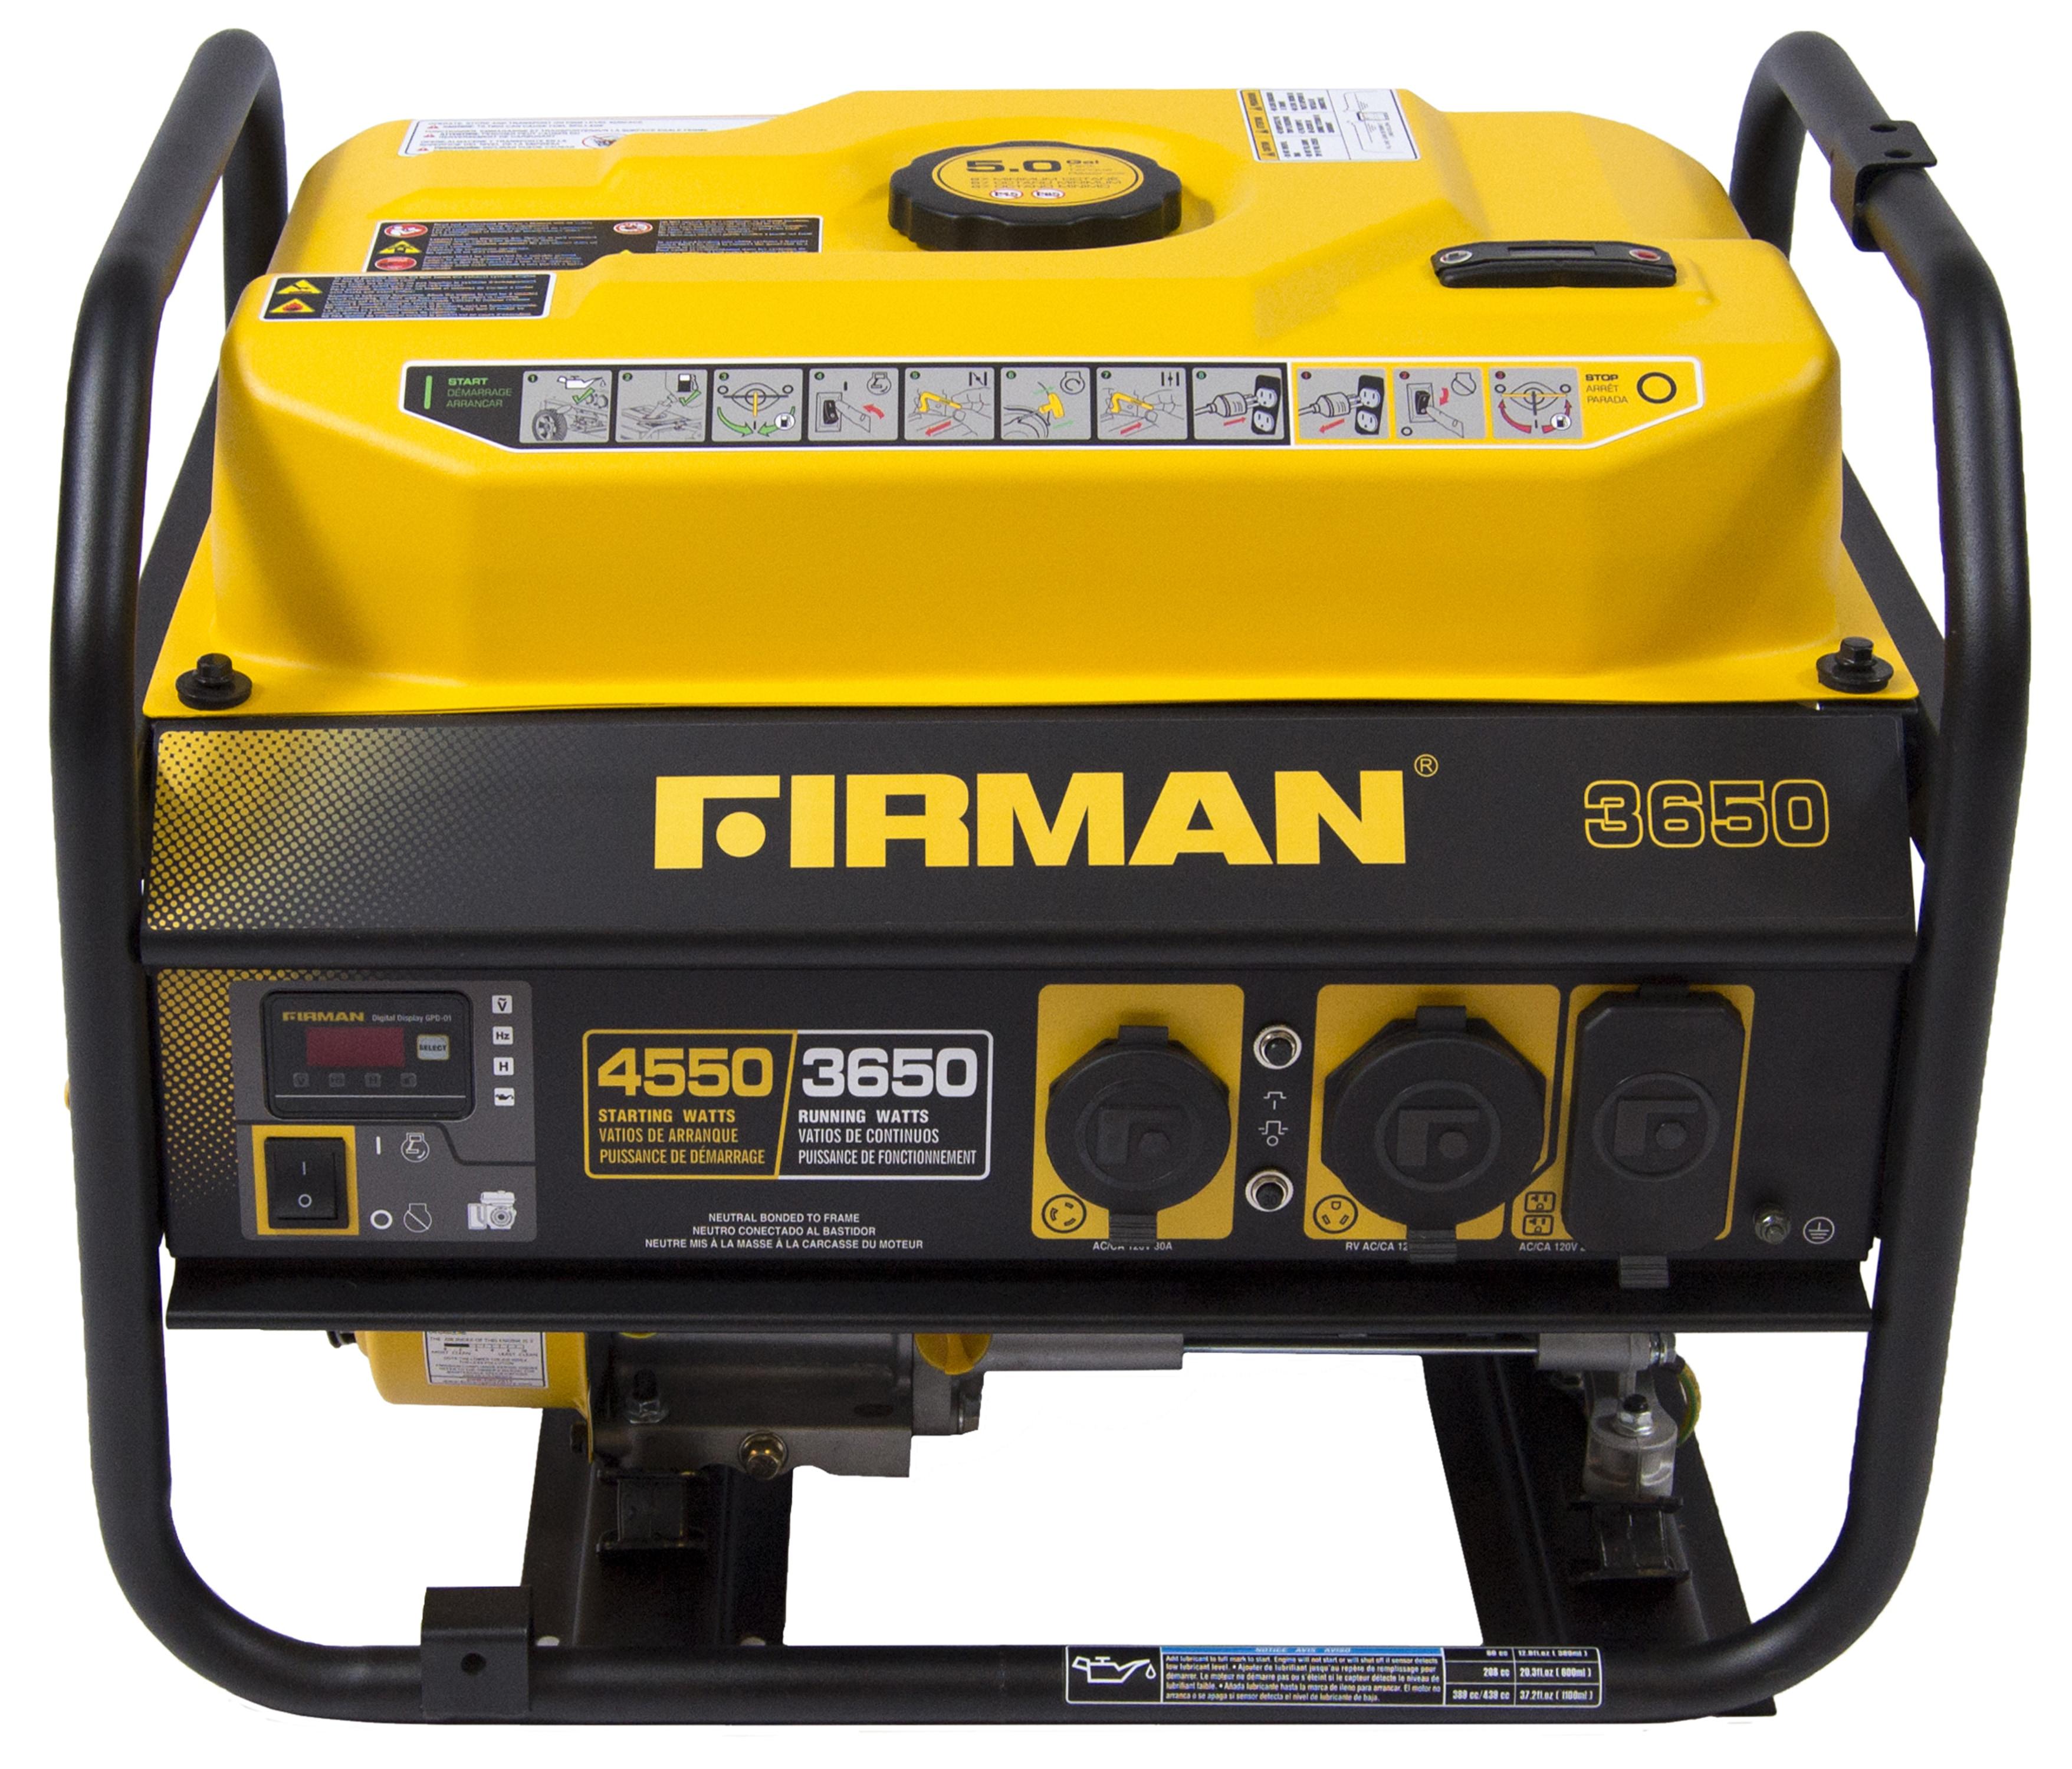 Firman Power Equipment Firman P Gas Powered 3650 4550 Watt